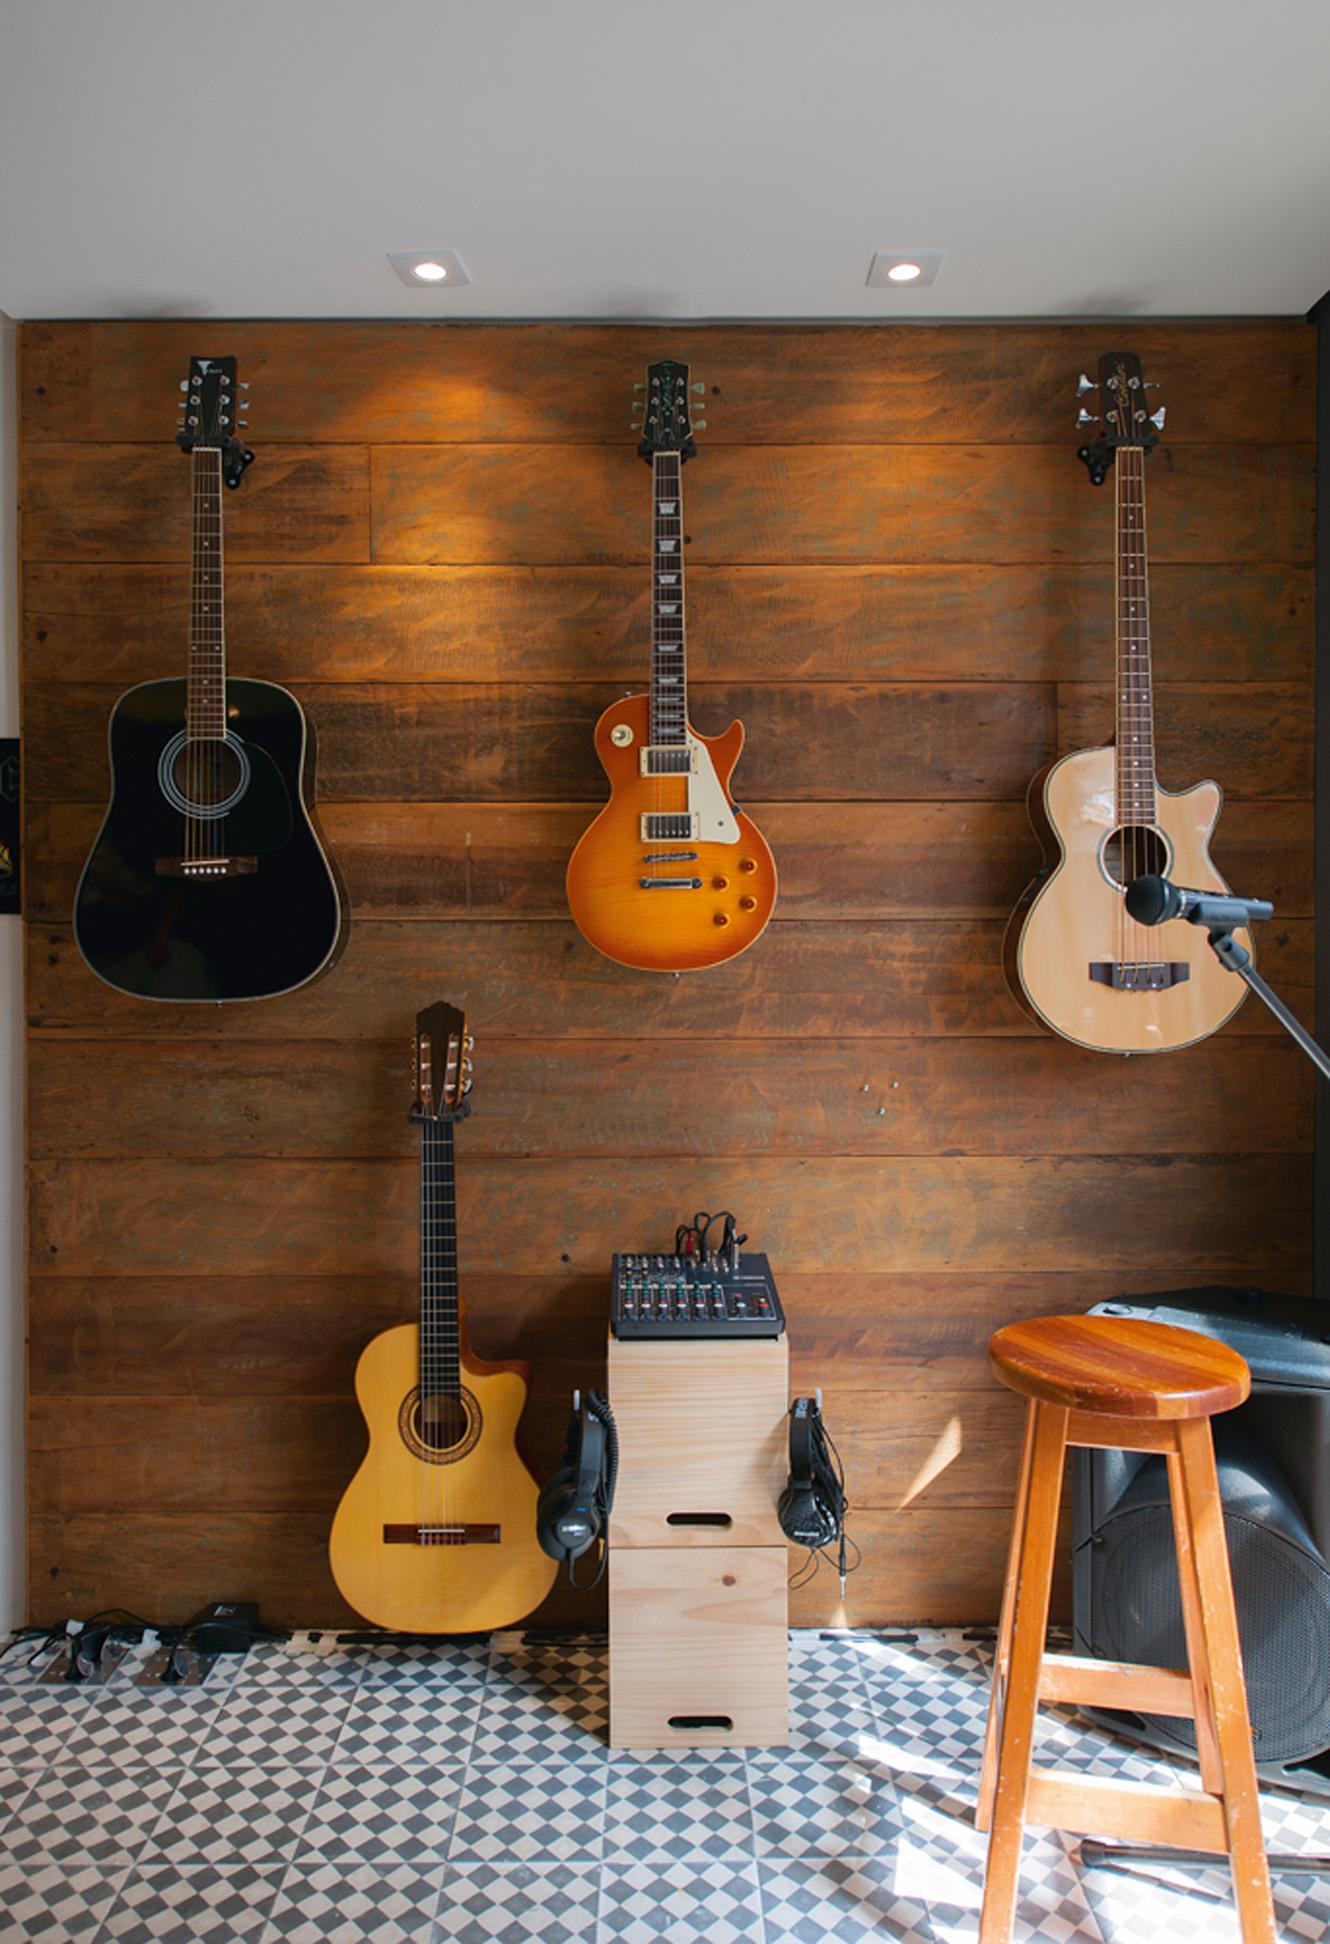 Na batida perfeita:  O estúdio, recém-construído, é o canto preferido. O piso de ladrilho hidráulico é da Leroy Merlin e o painel, de madeira de demolição